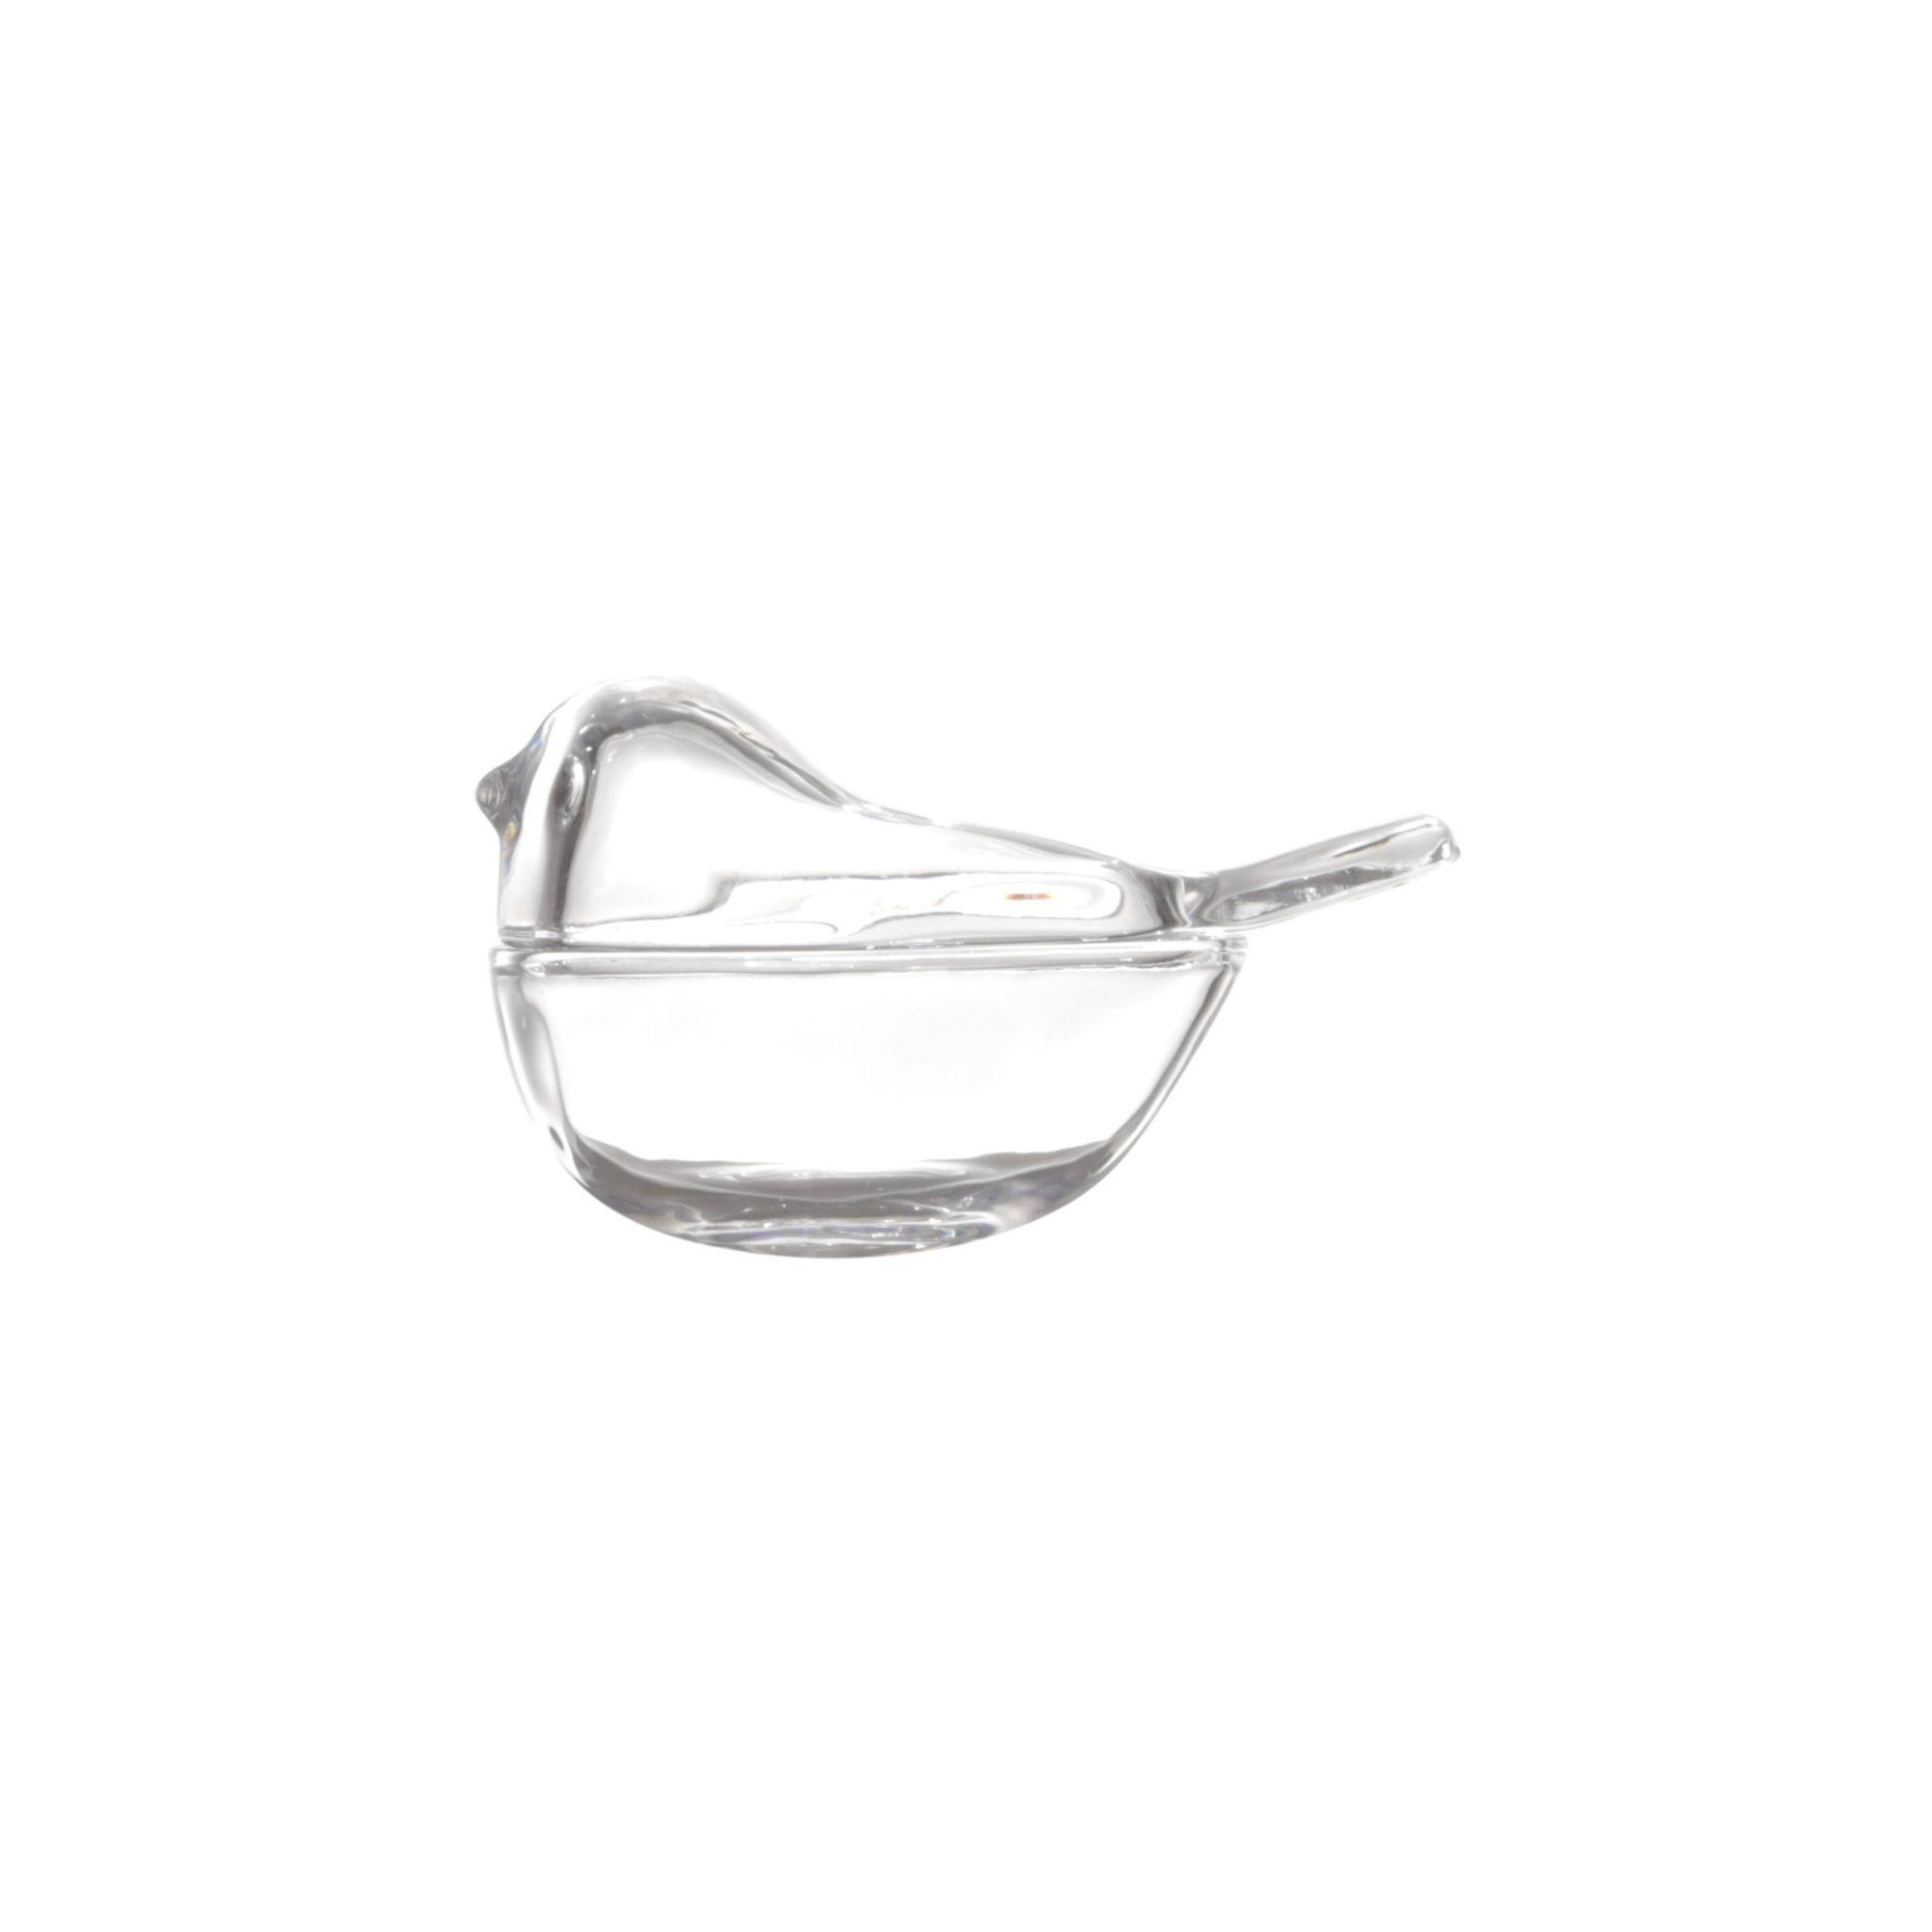 Bomboniere 7,5 cm de cristal transparente com tampa Bird Lyor - L3959